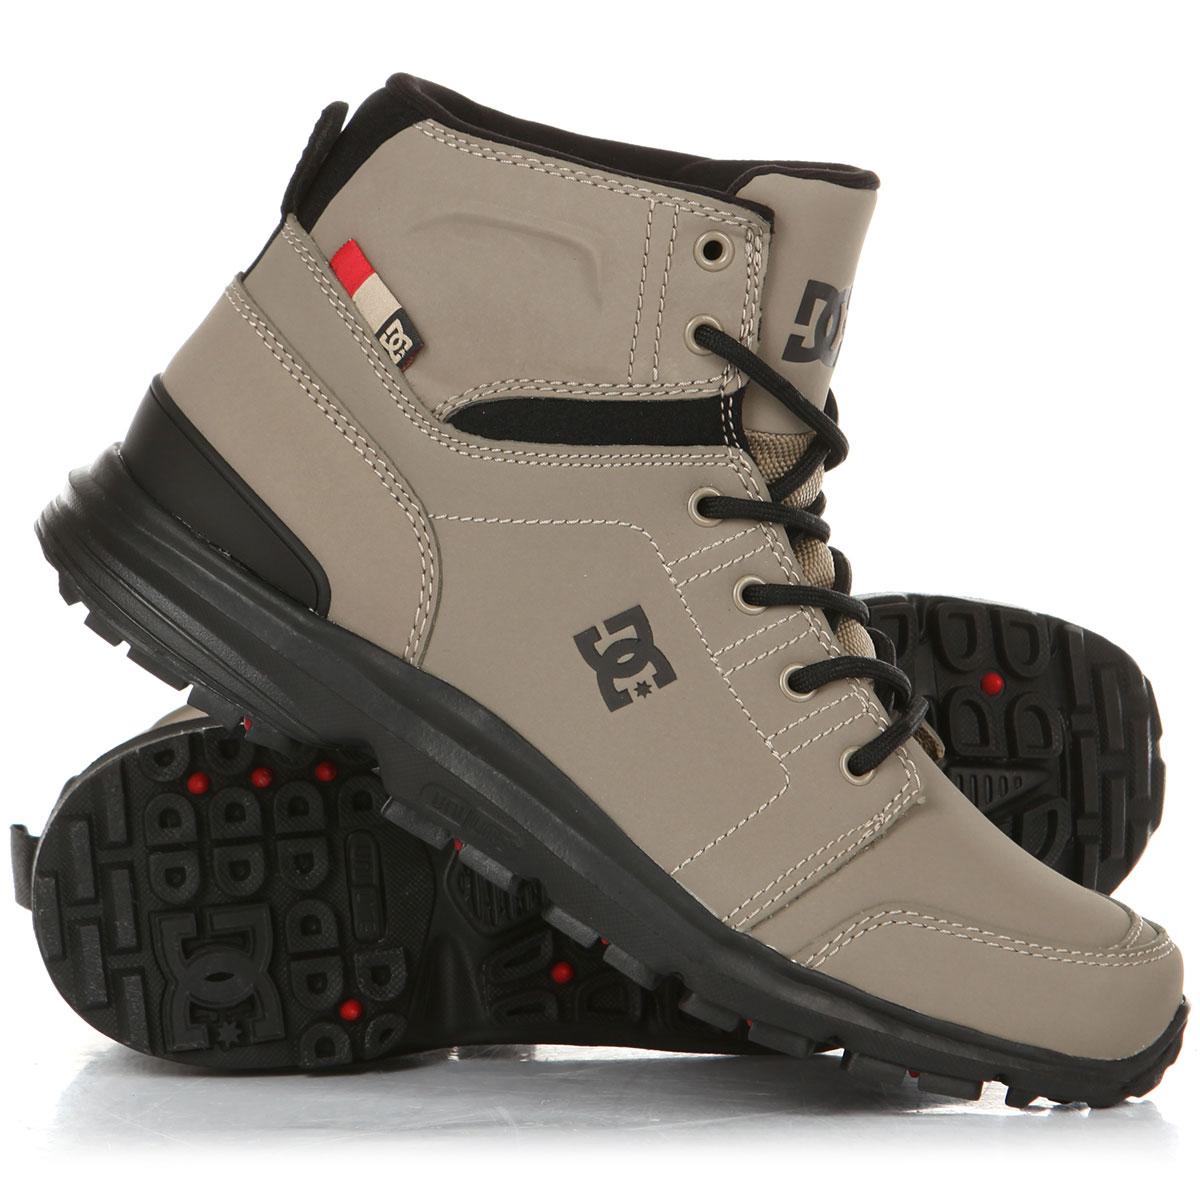 Купить ботинки высокие DC Torstein Timber (ADMB700008-TMB) в  интернет-магазине Proskater.kz 7e81776fc33